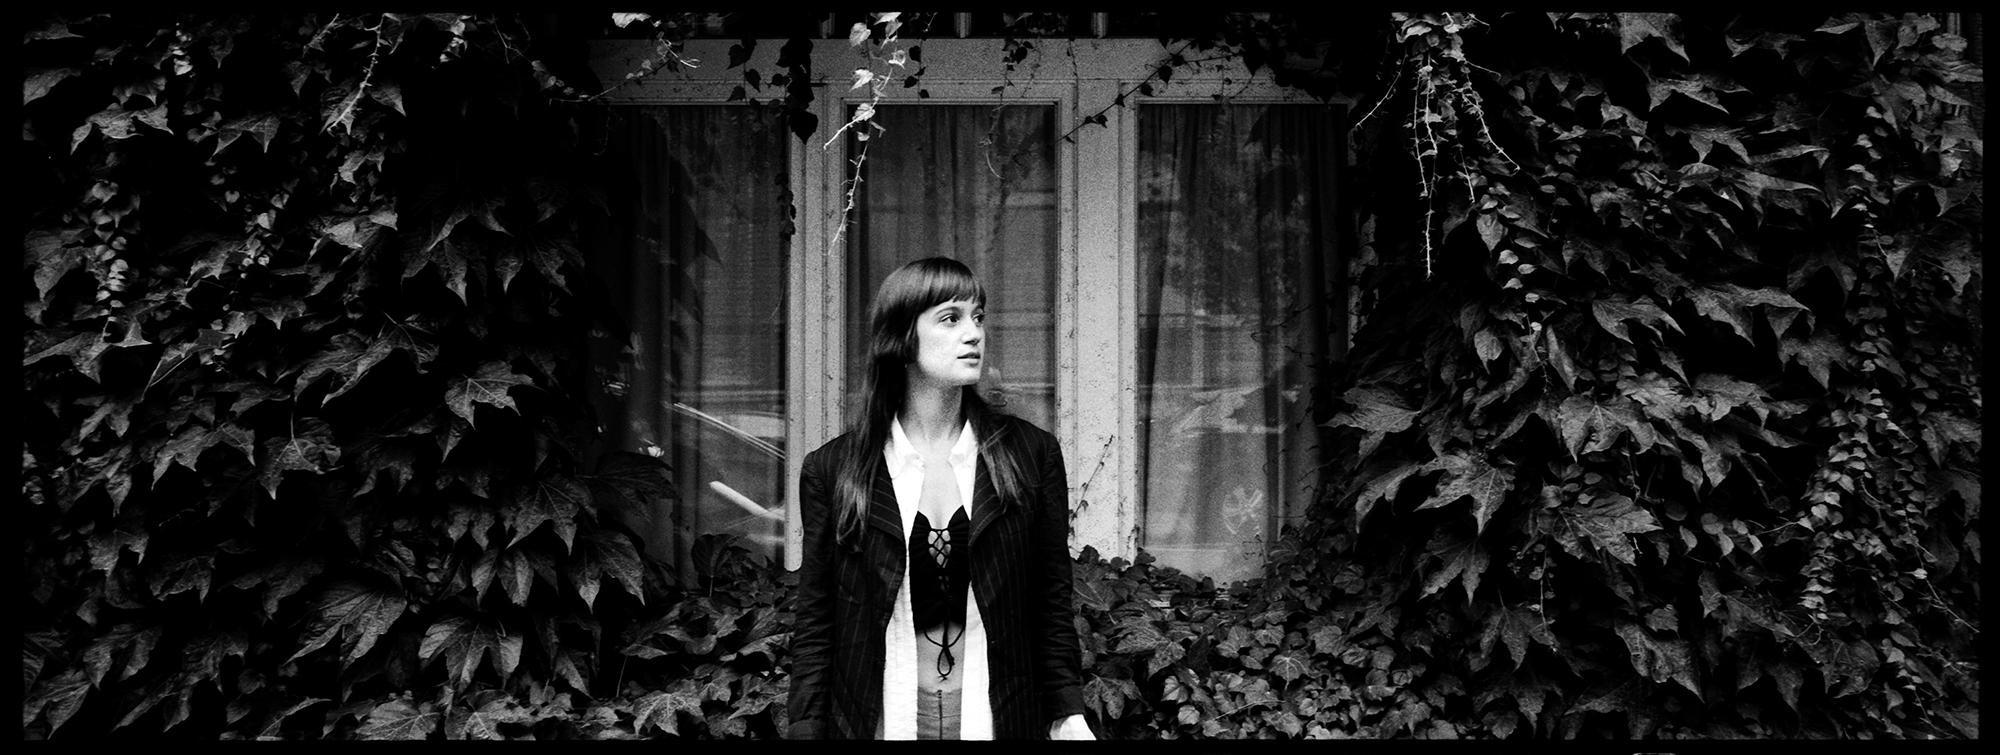 Zoë-Louise Estève - ZUUI by Laurent Orseau #2